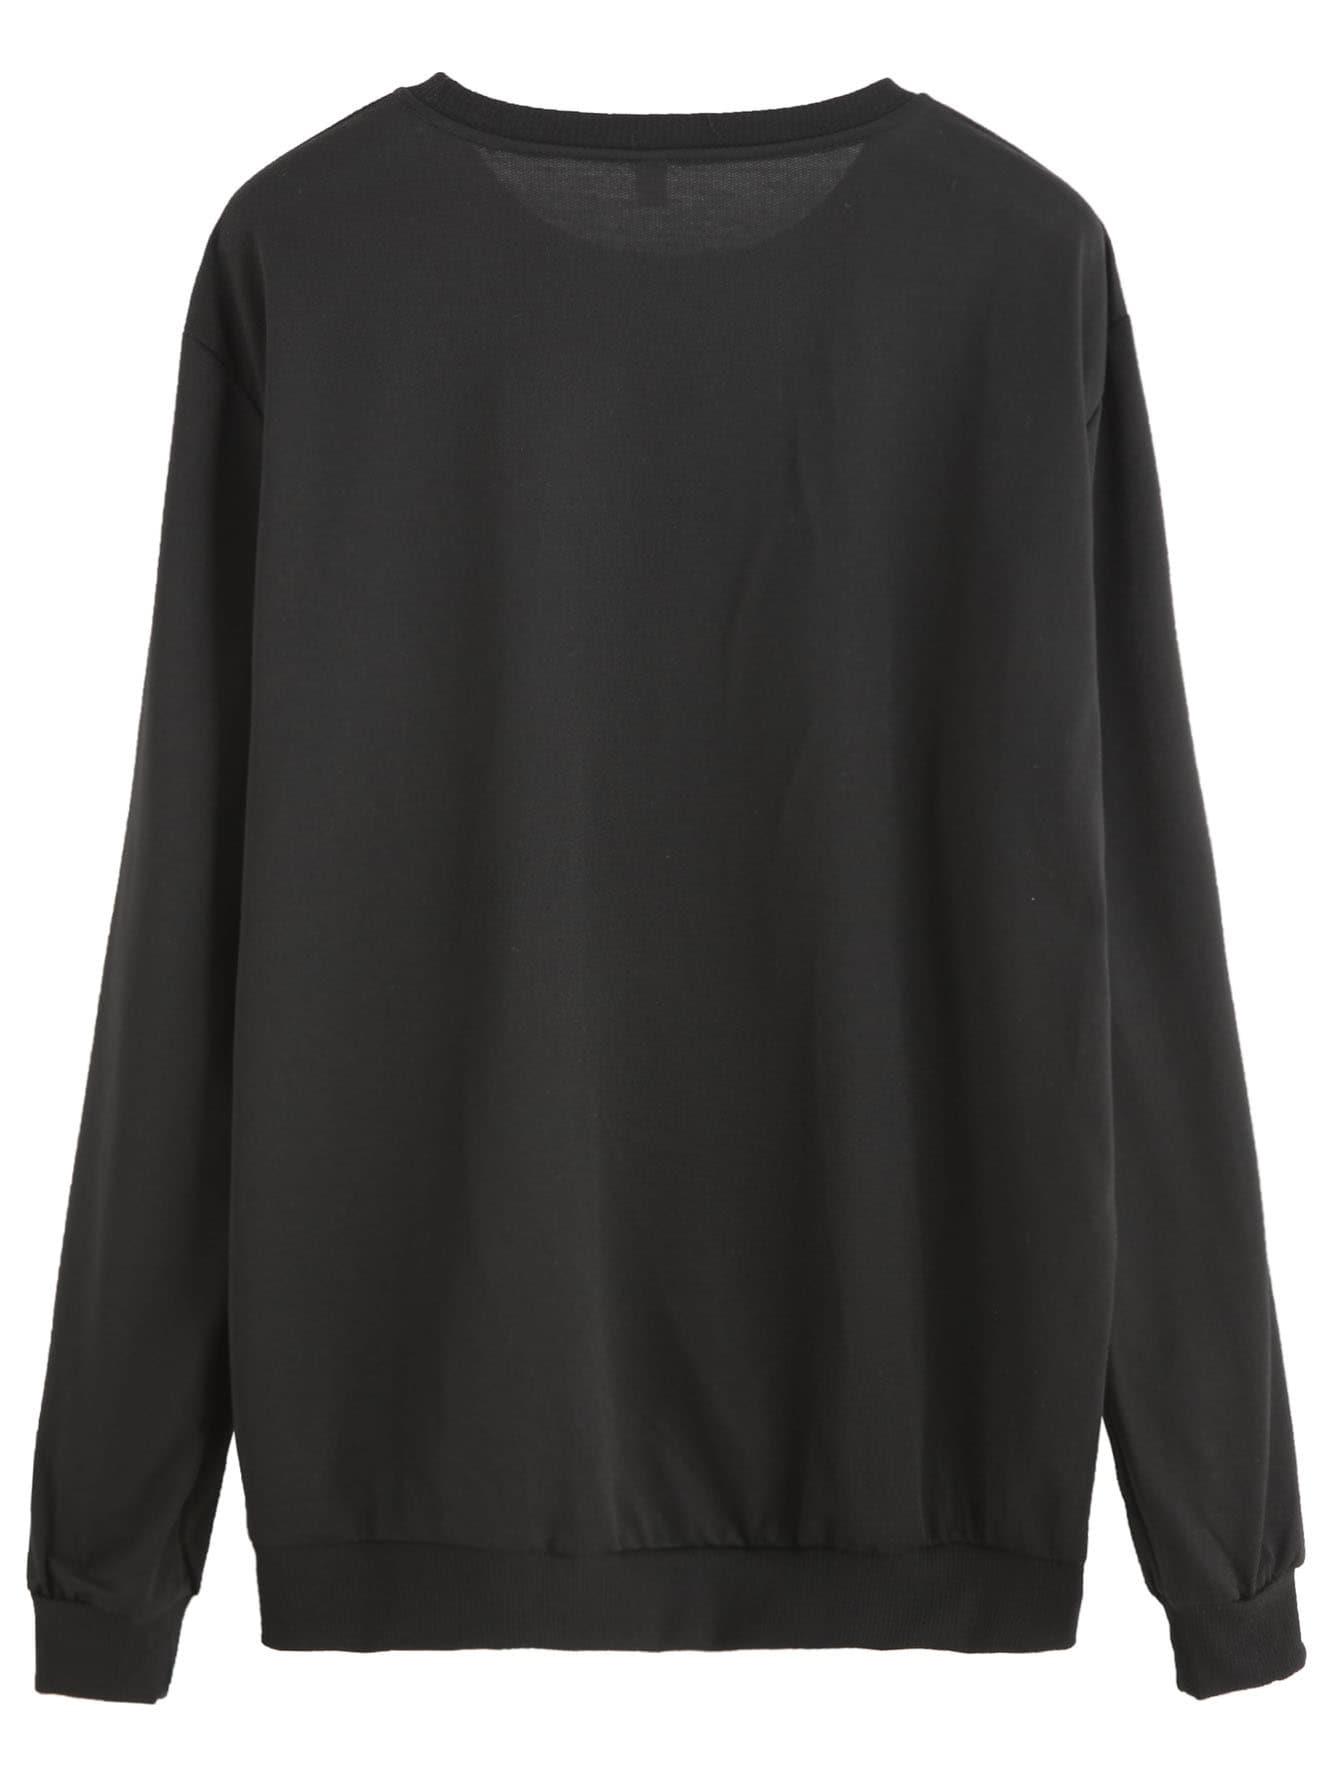 sweatshirt160906125_2